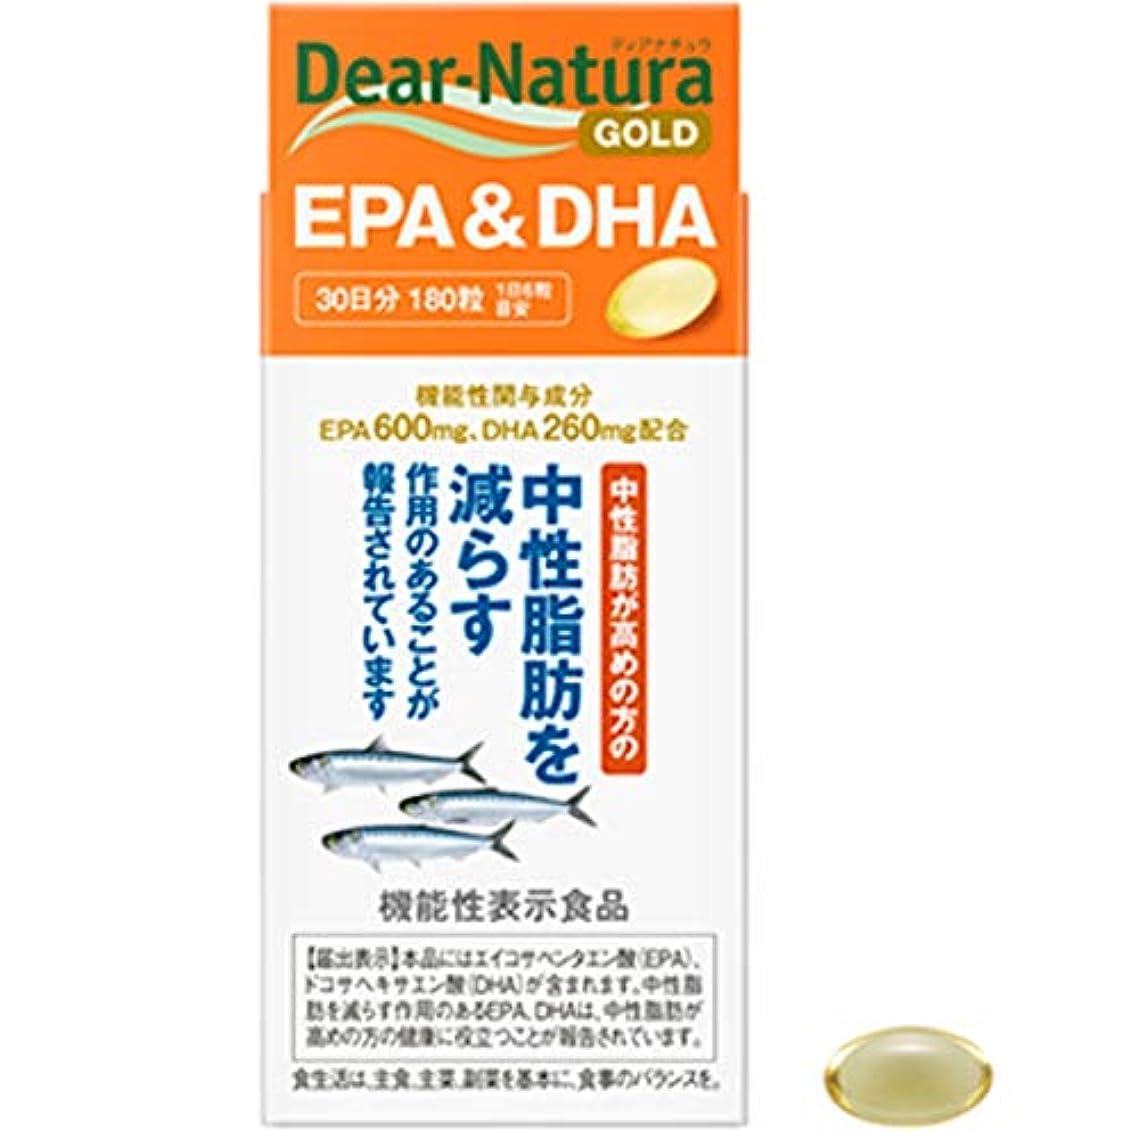 アフリカ人うぬぼれた酔っ払いディアナチュラゴールド EPA&DHA 30日分 180粒入×5個セット